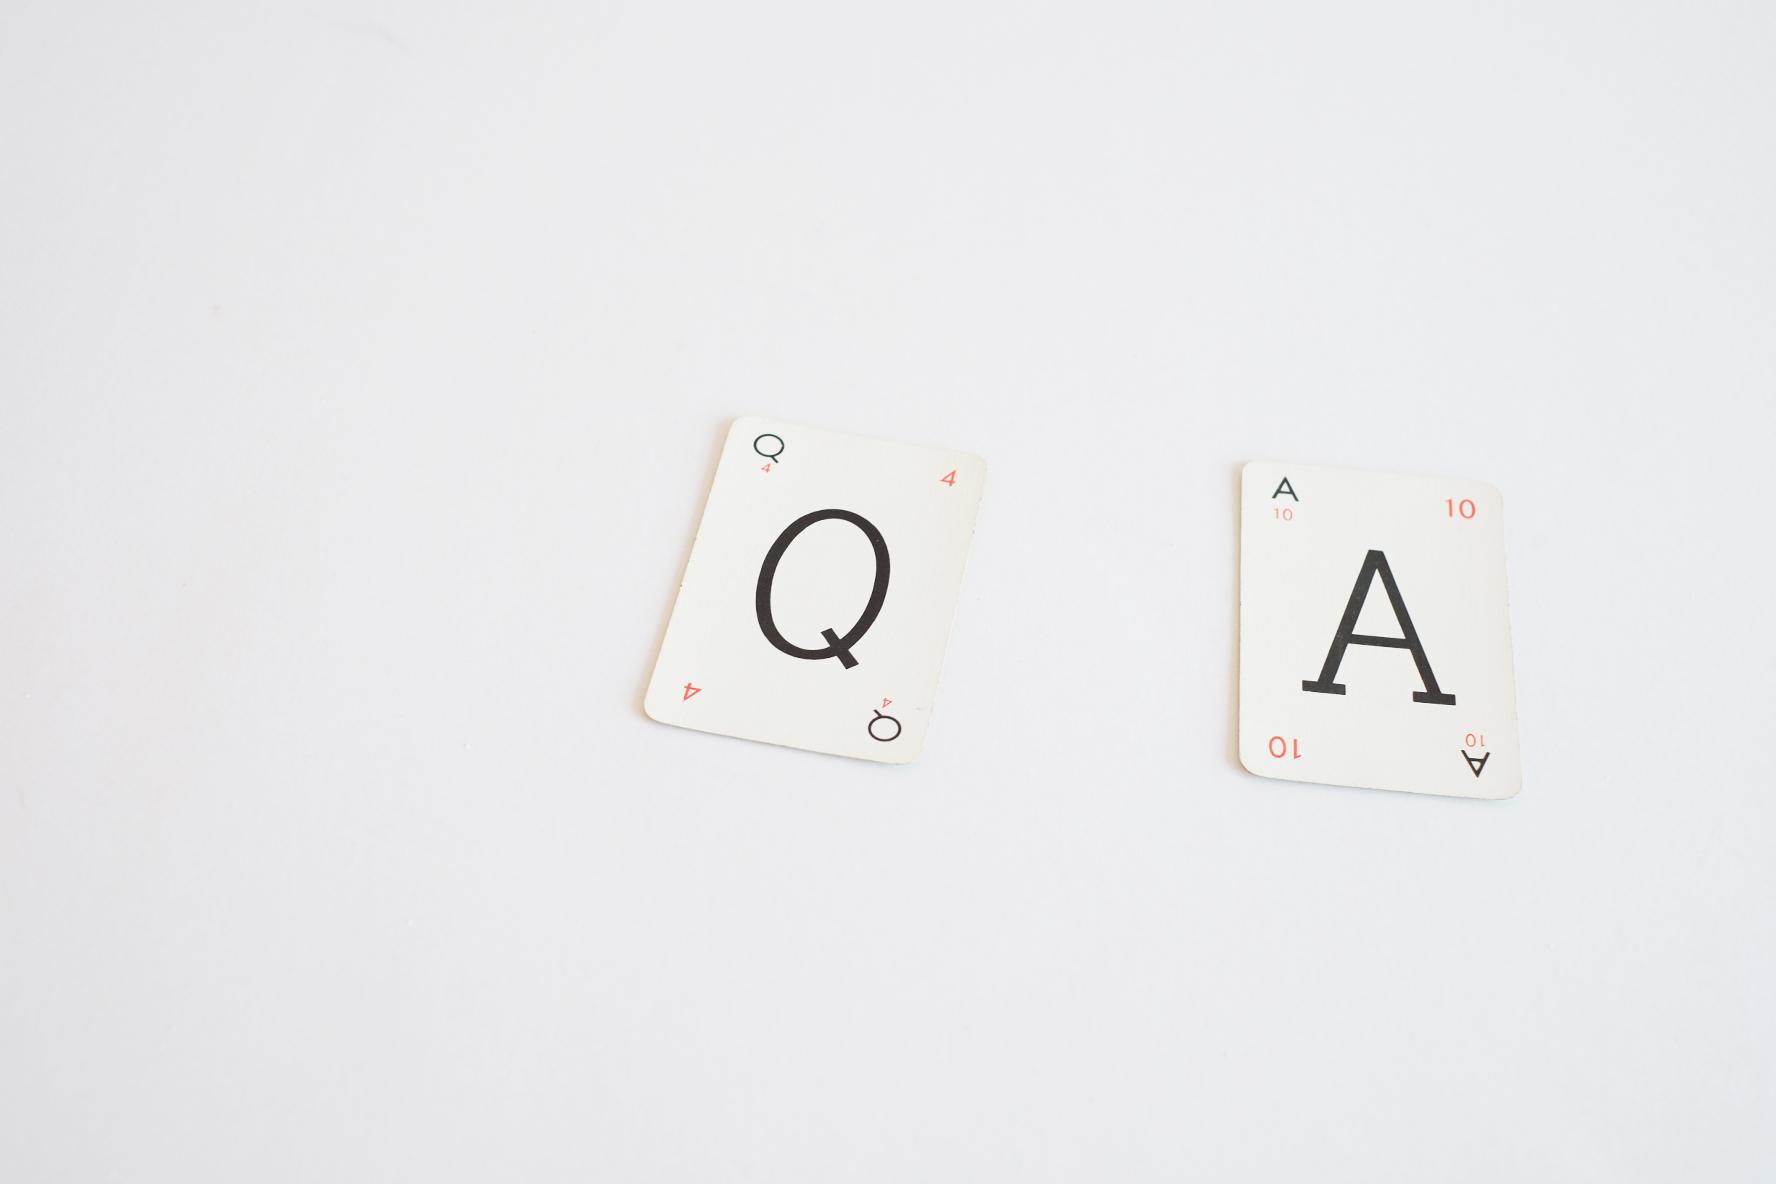 Q & A:切り札はクエスチョン